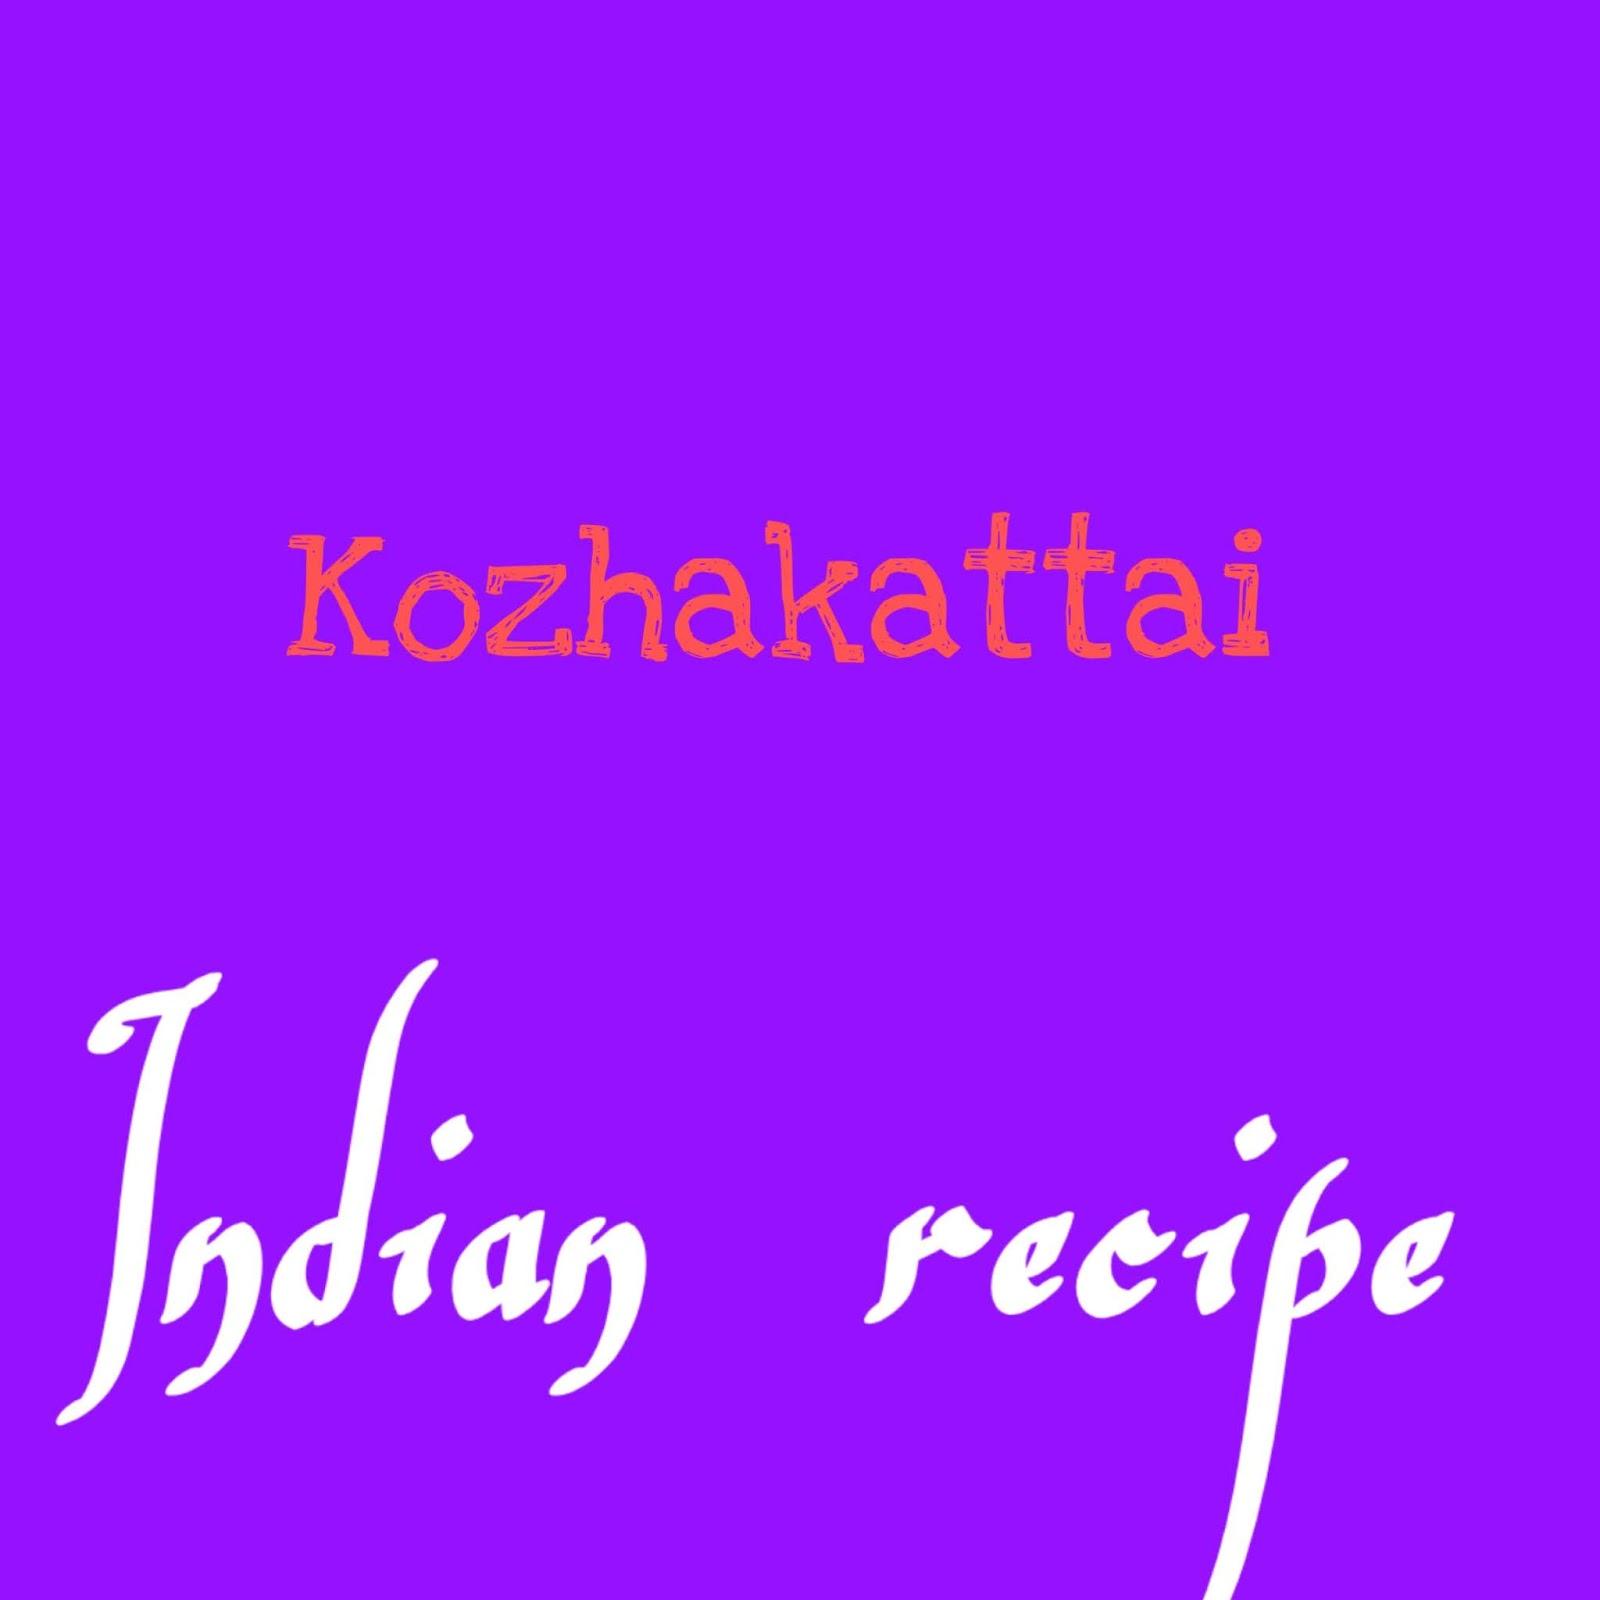 ভারতীয় রেসিপি জানুন বাংলাতে |  Kozhakattai Indian Recipes